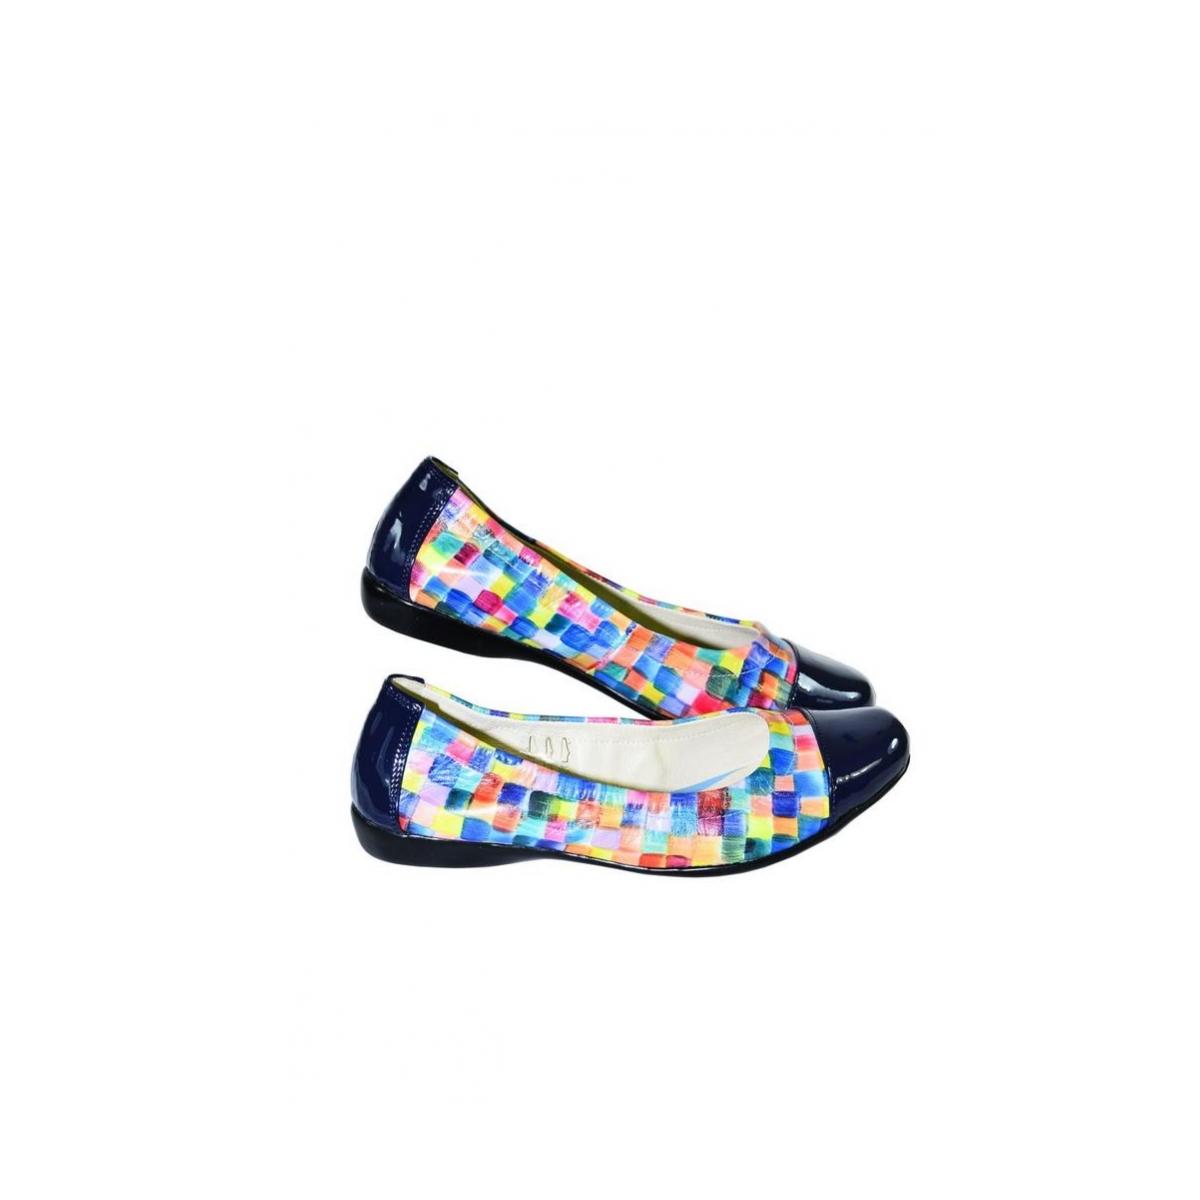 11c7d753083a2 Farebné kožené balerínky VARVARA | Johnc.sk